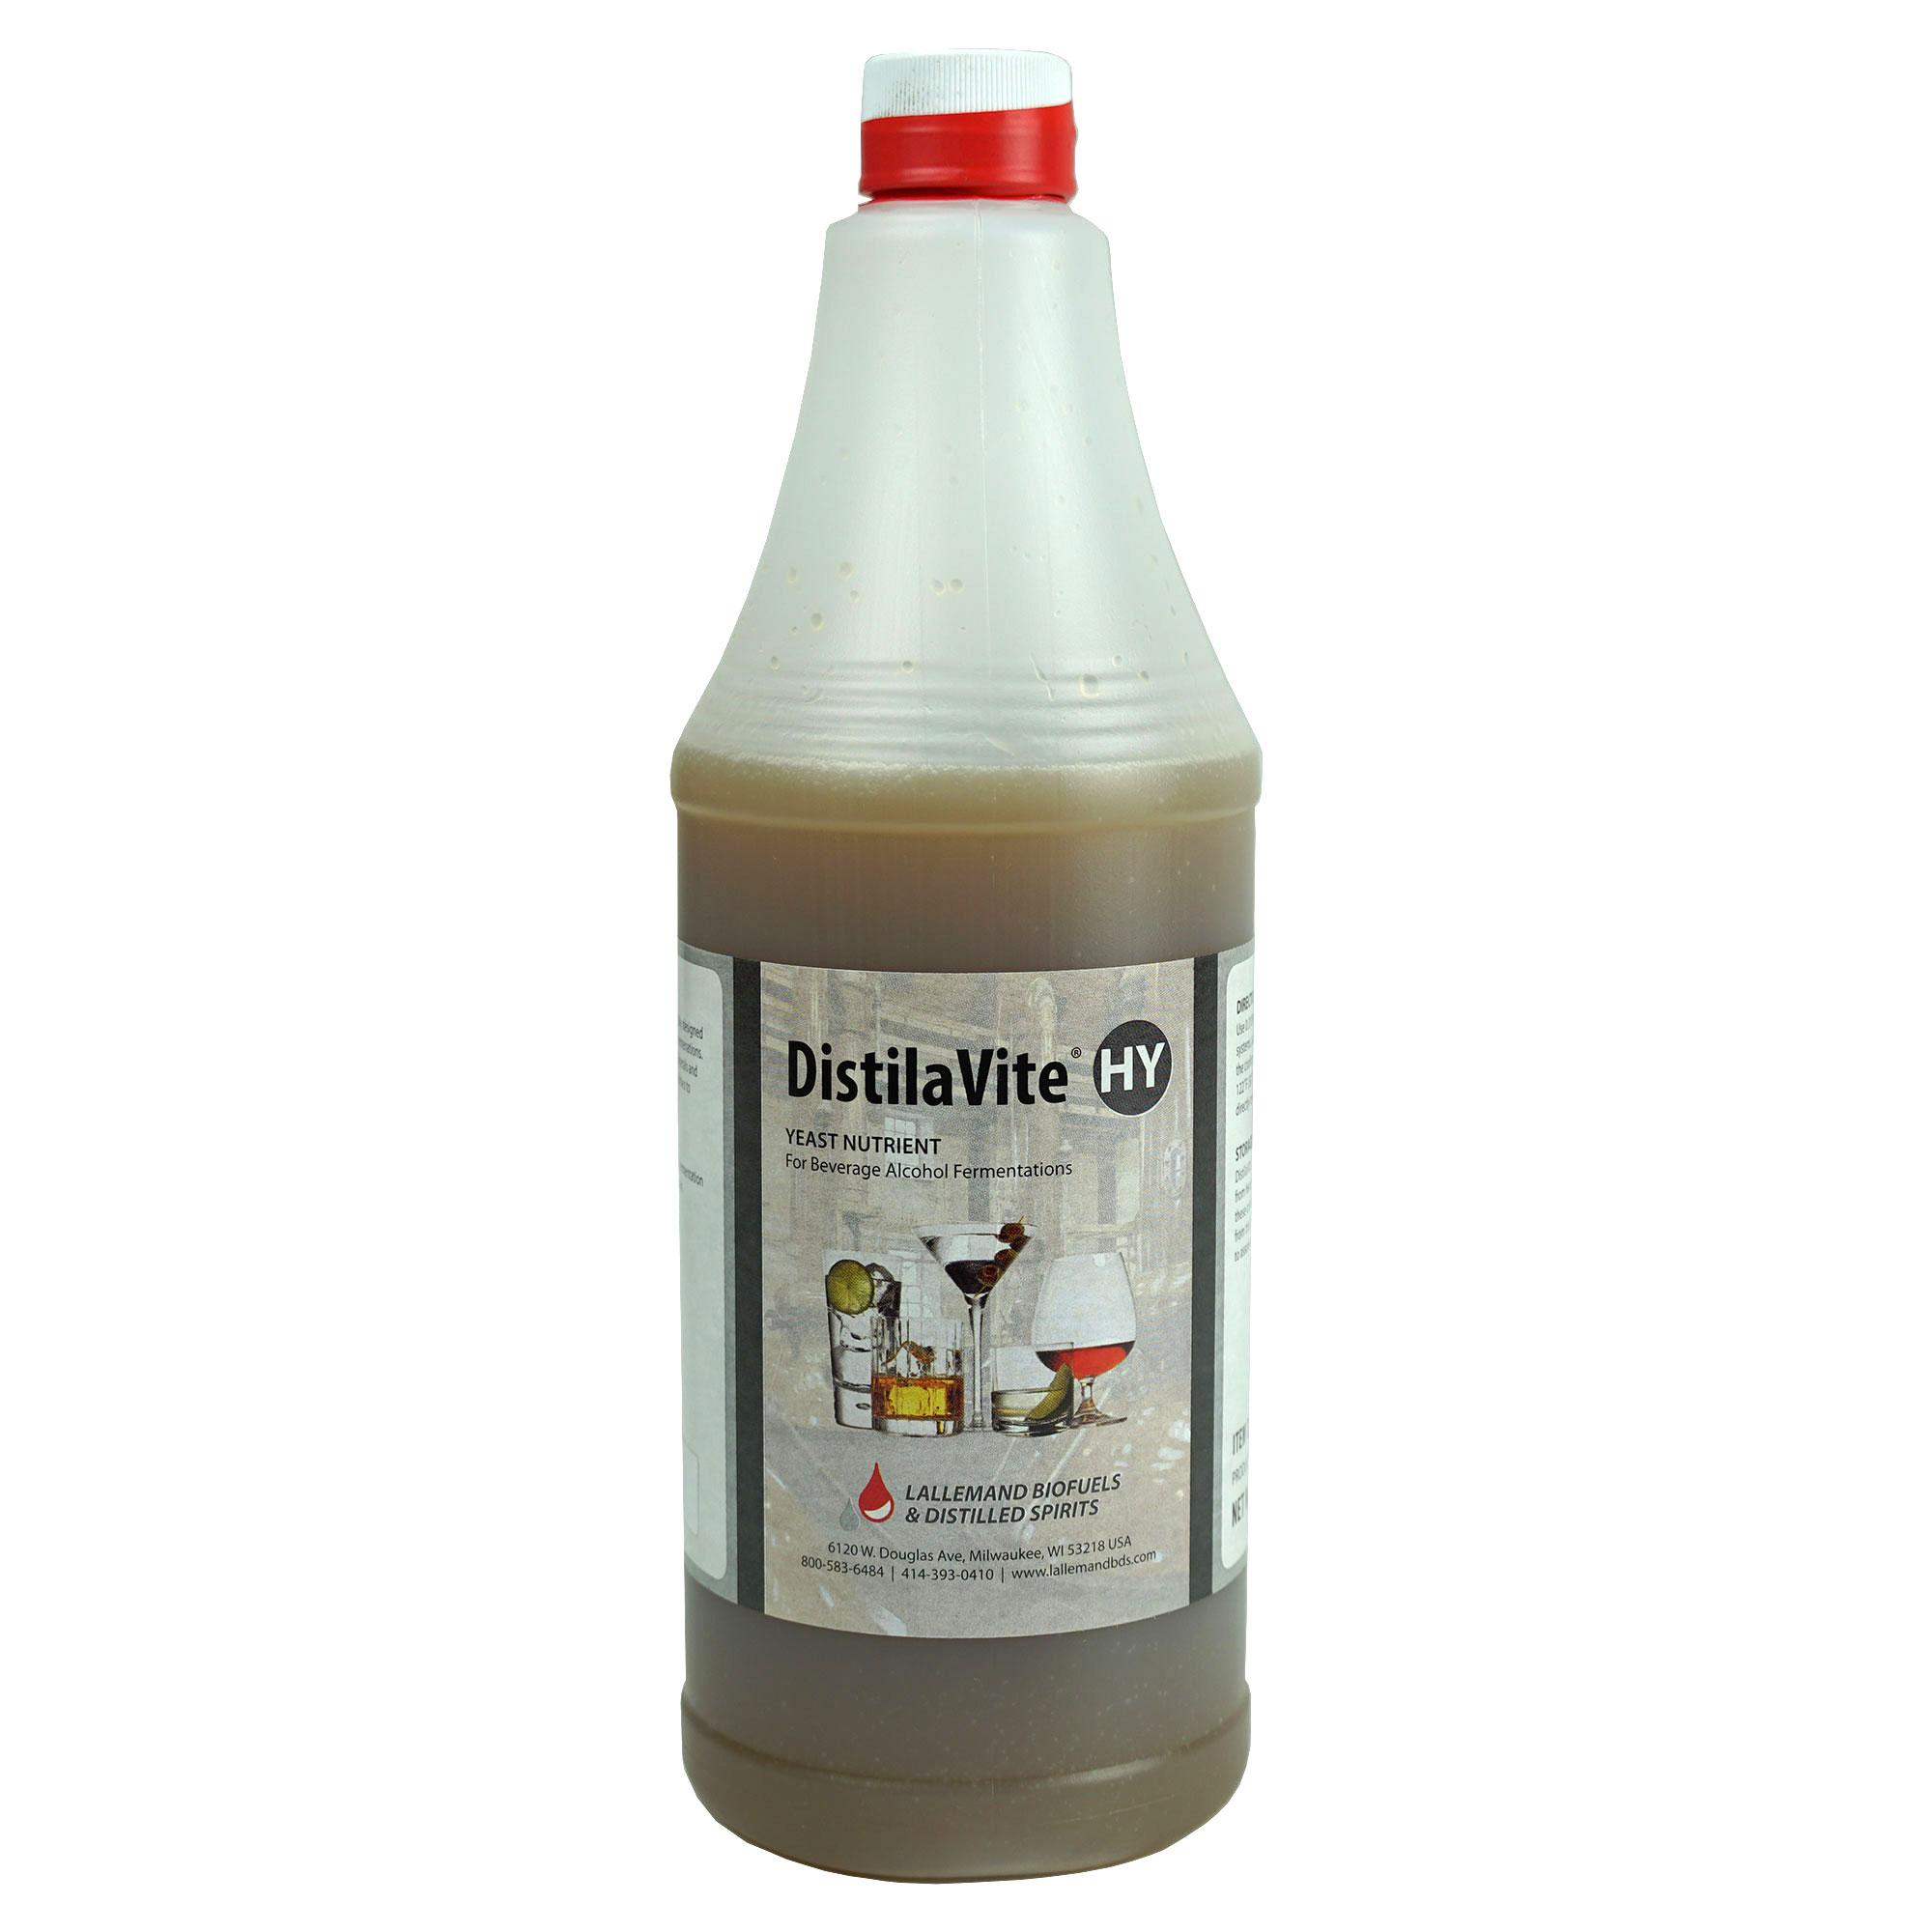 DistilaWite HY Liquid Yeast Nutrient